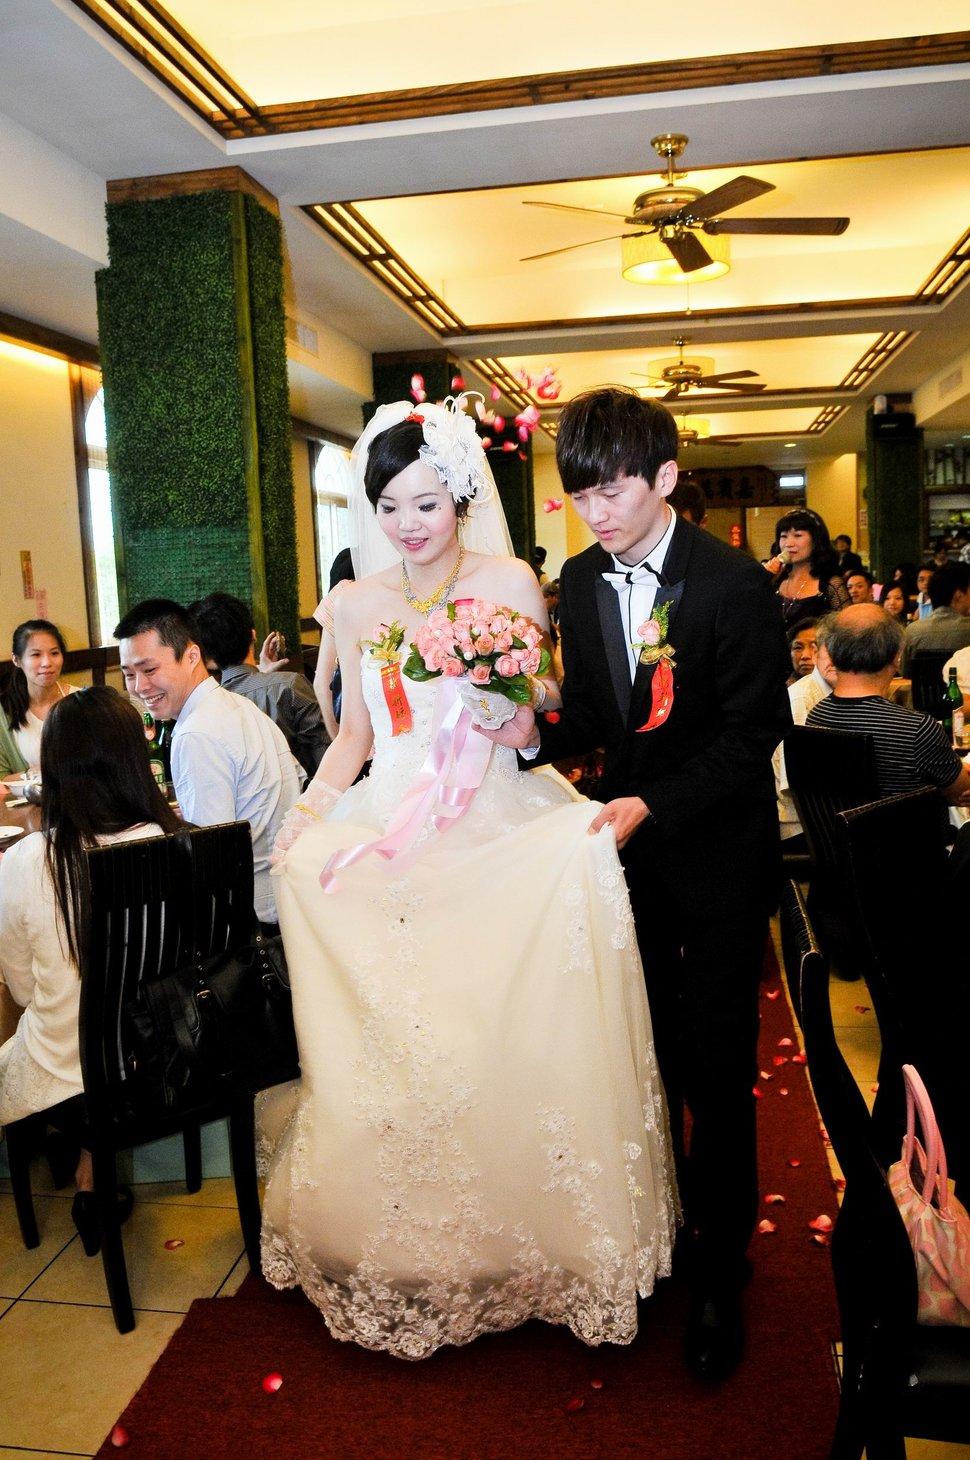 台中天野養生餐廳婚禮記錄婚禮記錄動態微電影錄影專業錄影平面攝影(編號:196470) - 蜜月拍照10800錄影12800攝影團隊 - 結婚吧